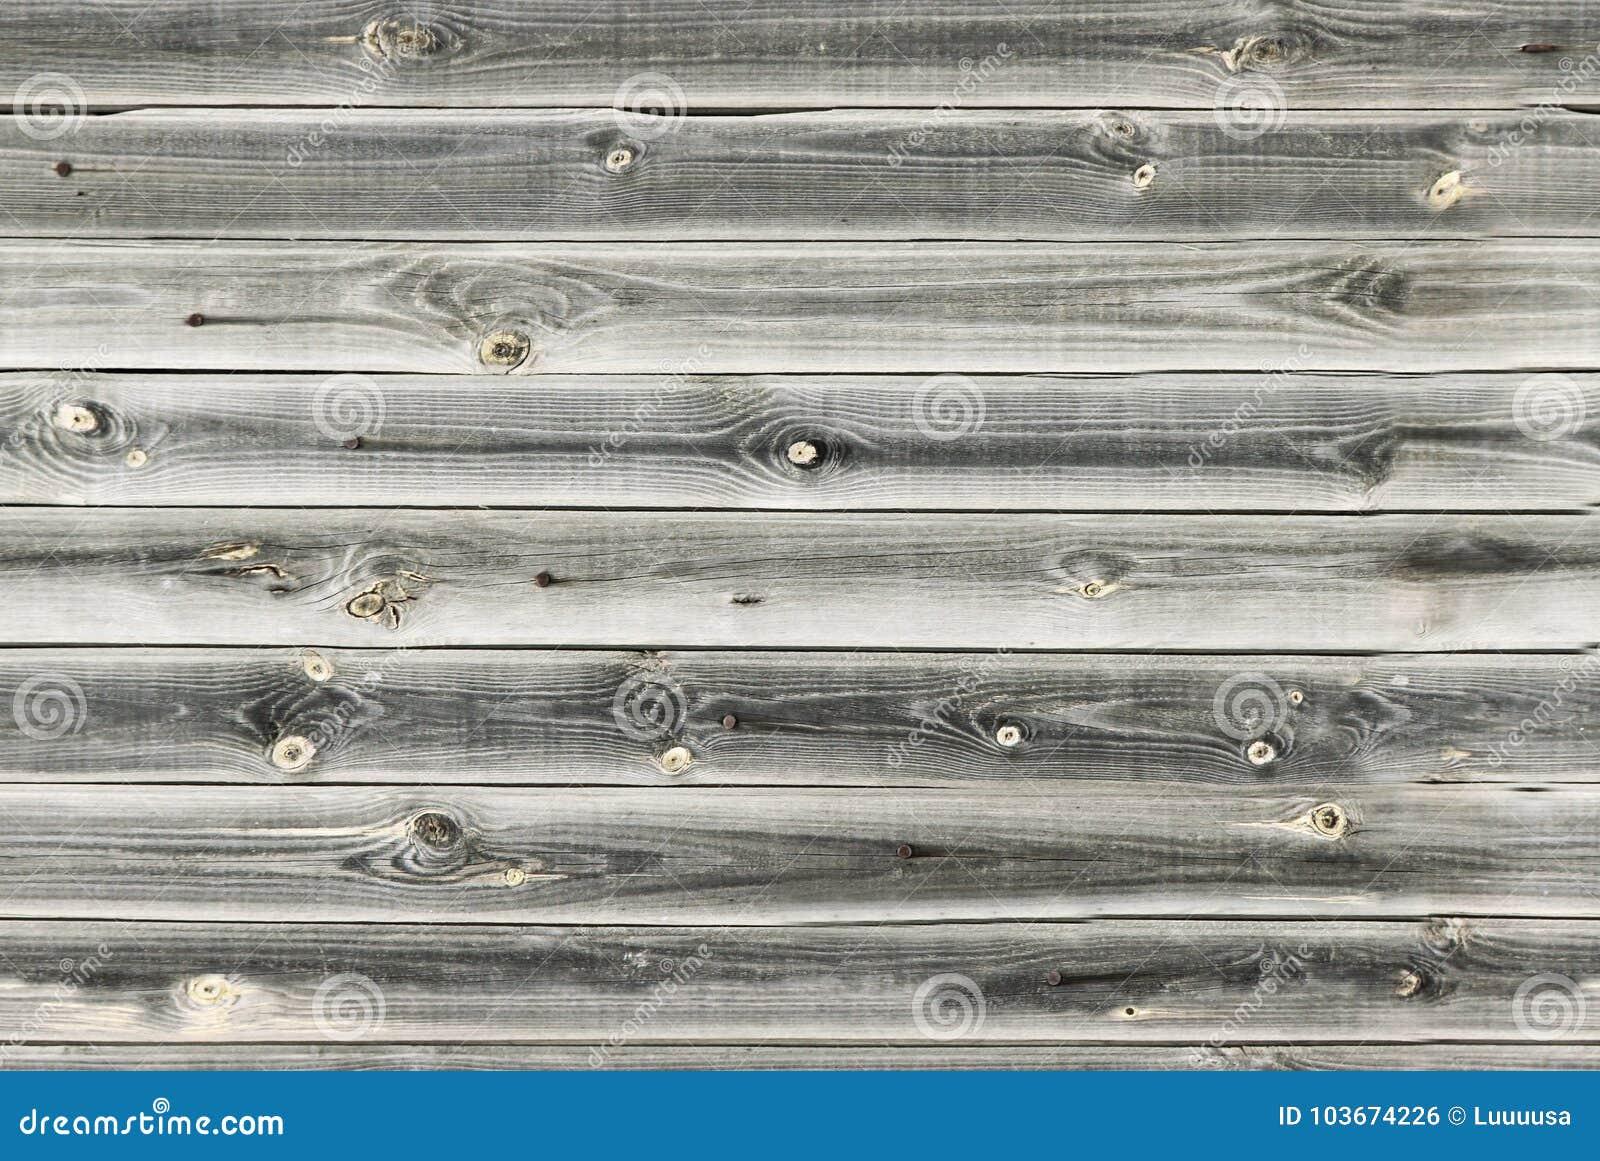 La doublure en bois embarque le mur Texture en bois blanche et grise vieux panneaux de fond, modèle sans couture Planches horizon